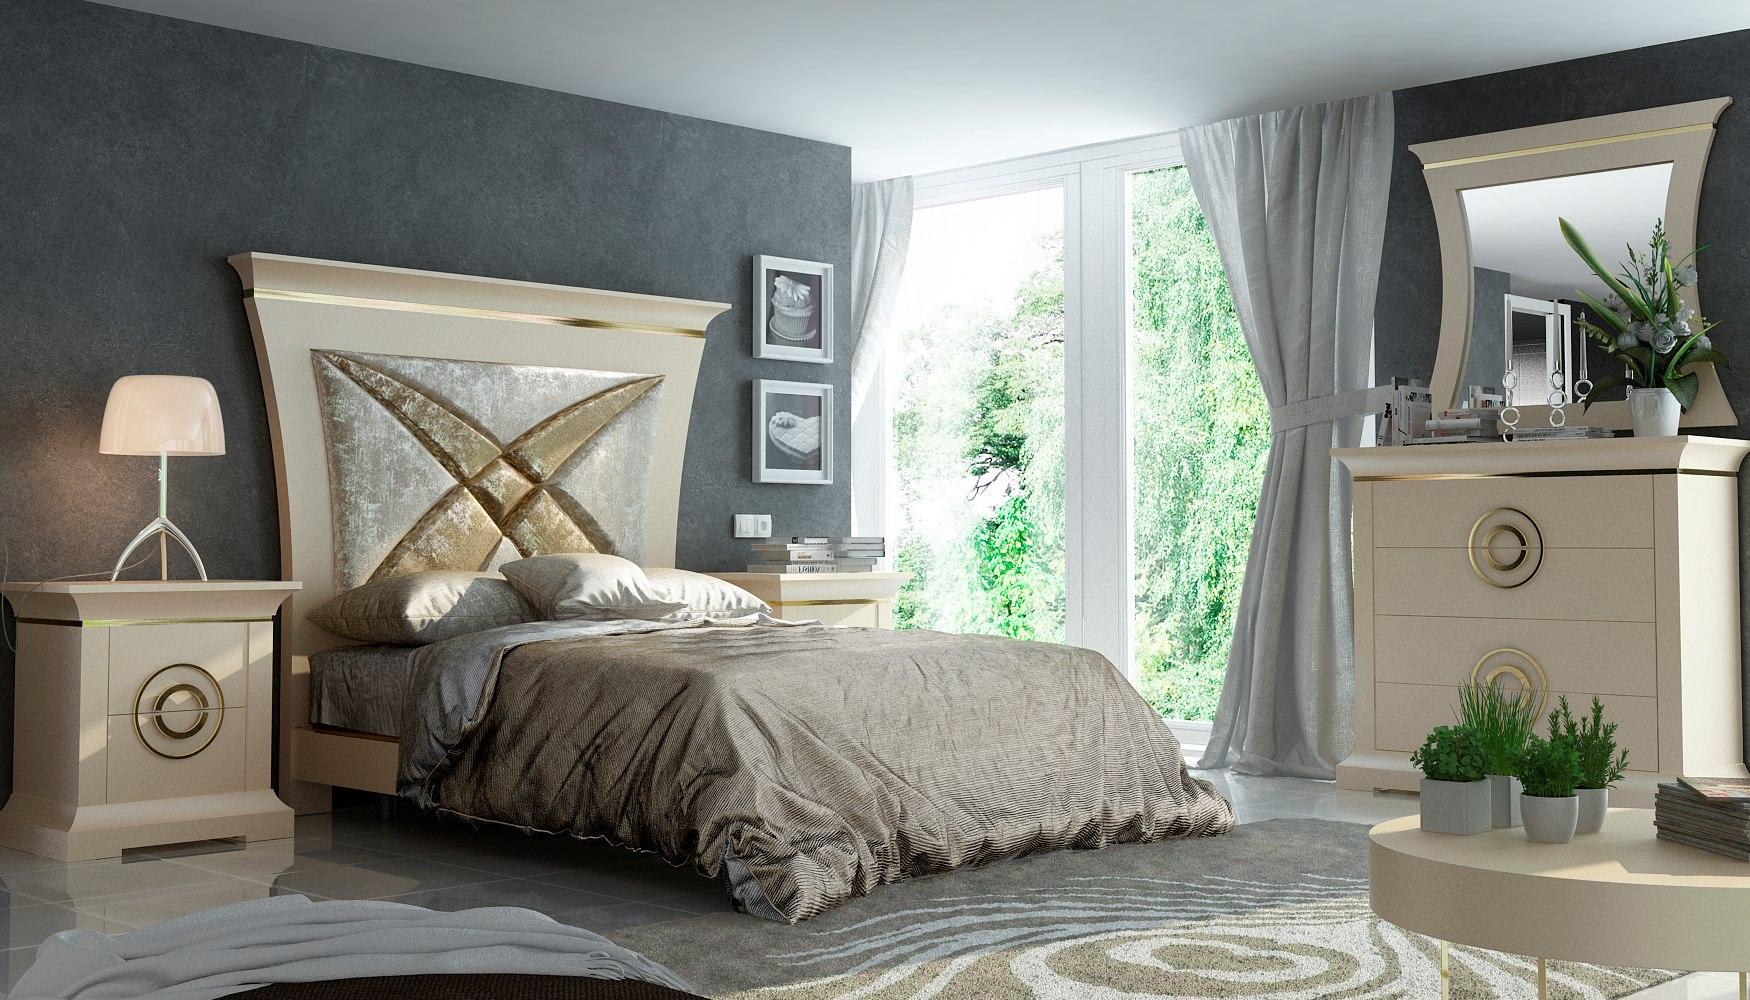 Decovarte Bedroom D77